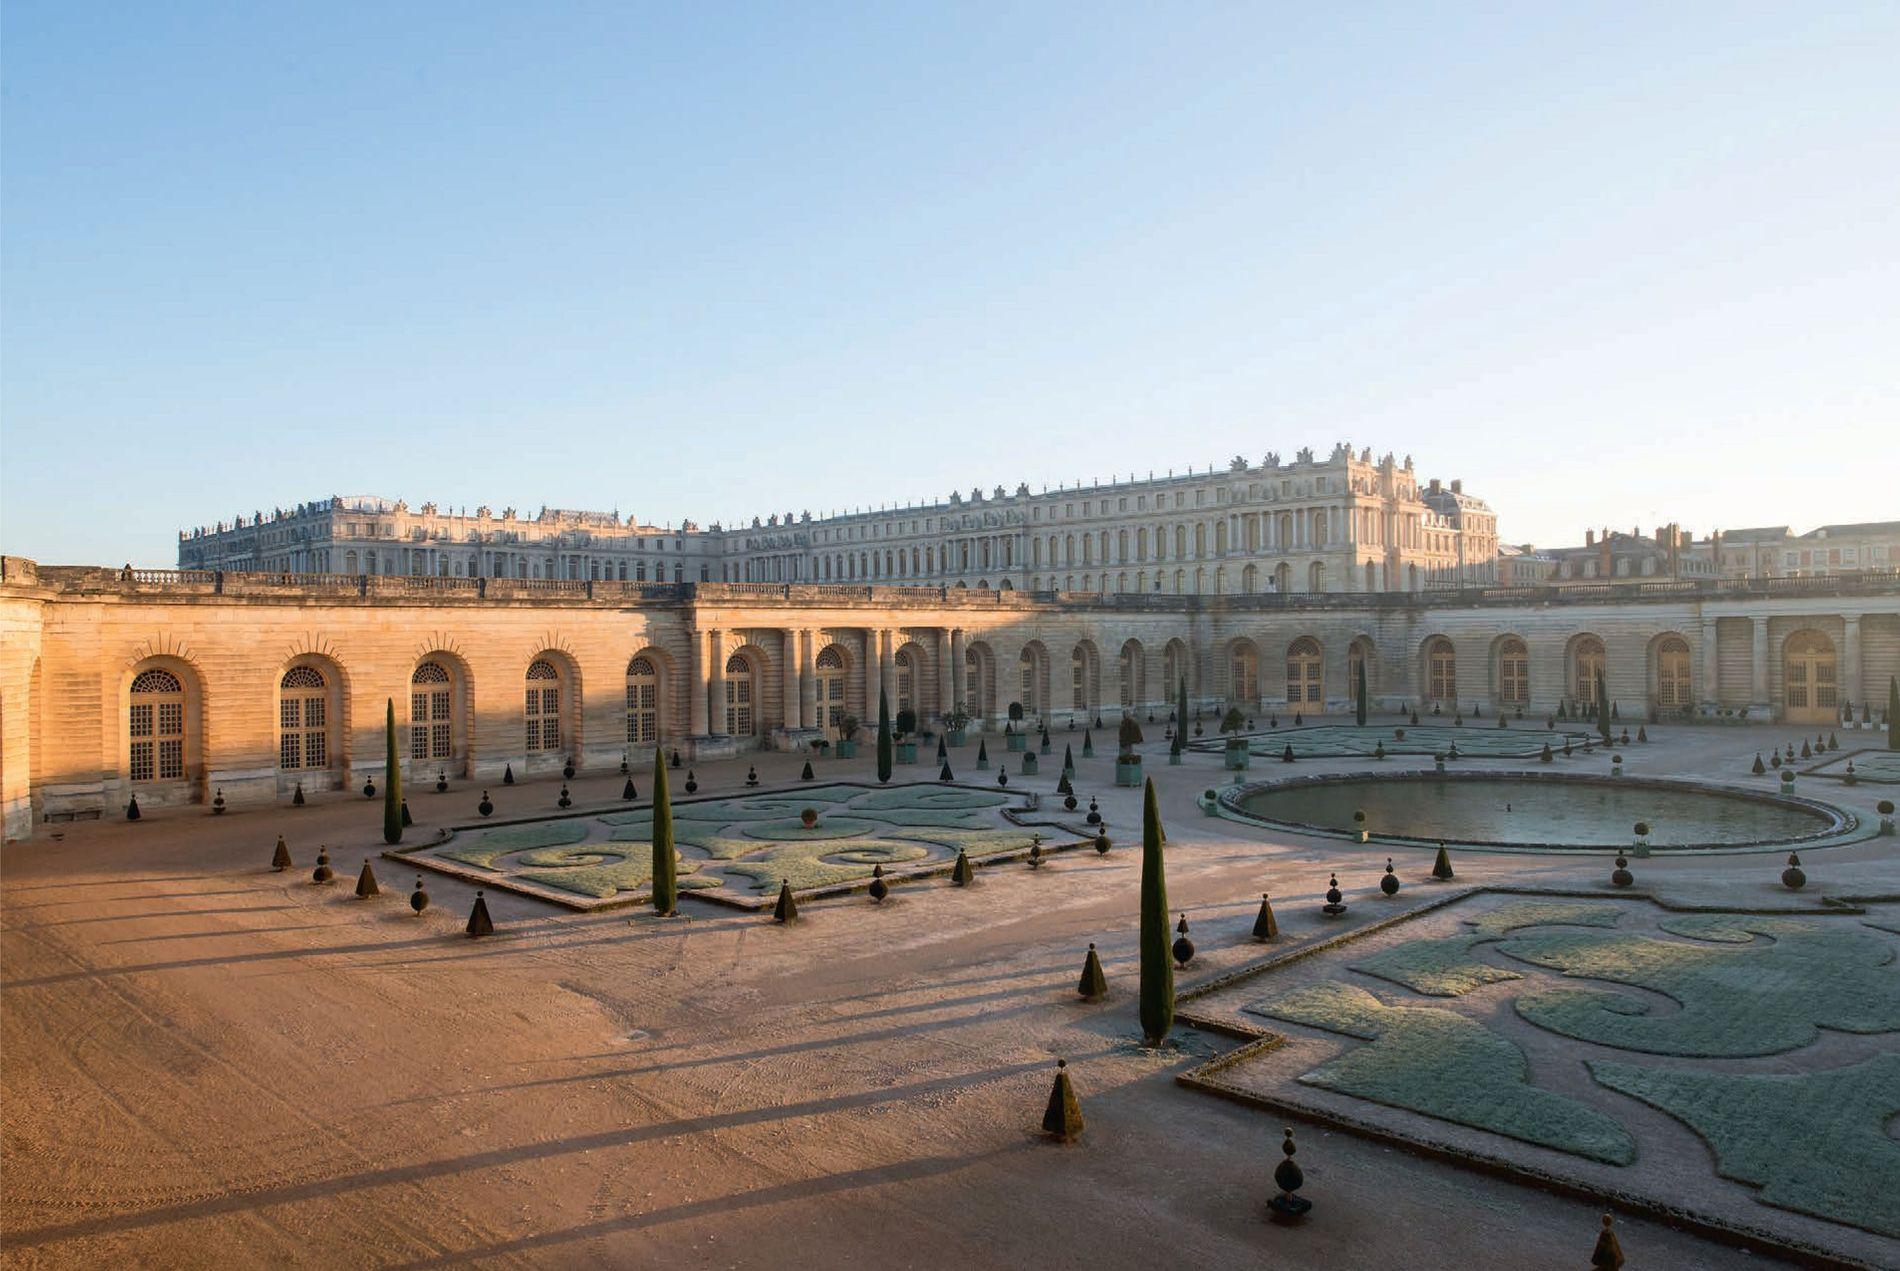 Des milliers d'orangers, de citronniers et de grenadiers à Versailles - dont certains ont plus de ...